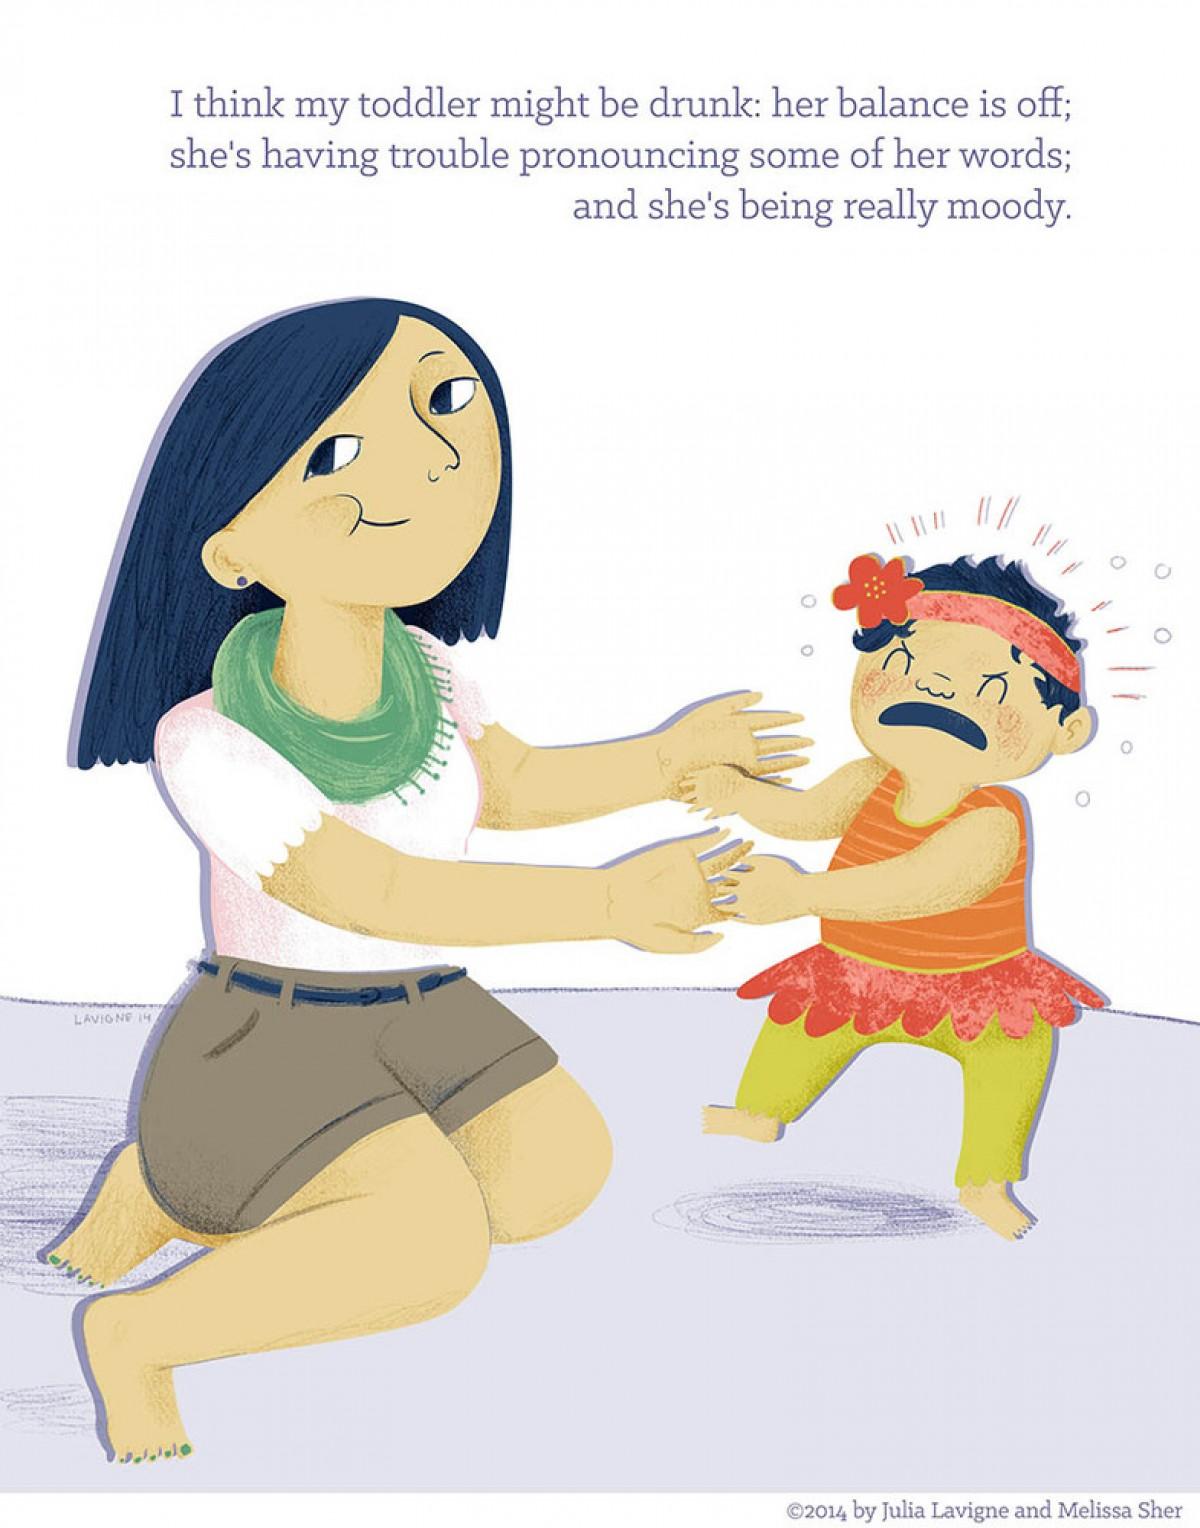 Ένα μίνι κόμικ για μαμάδες και μπαμπάδες